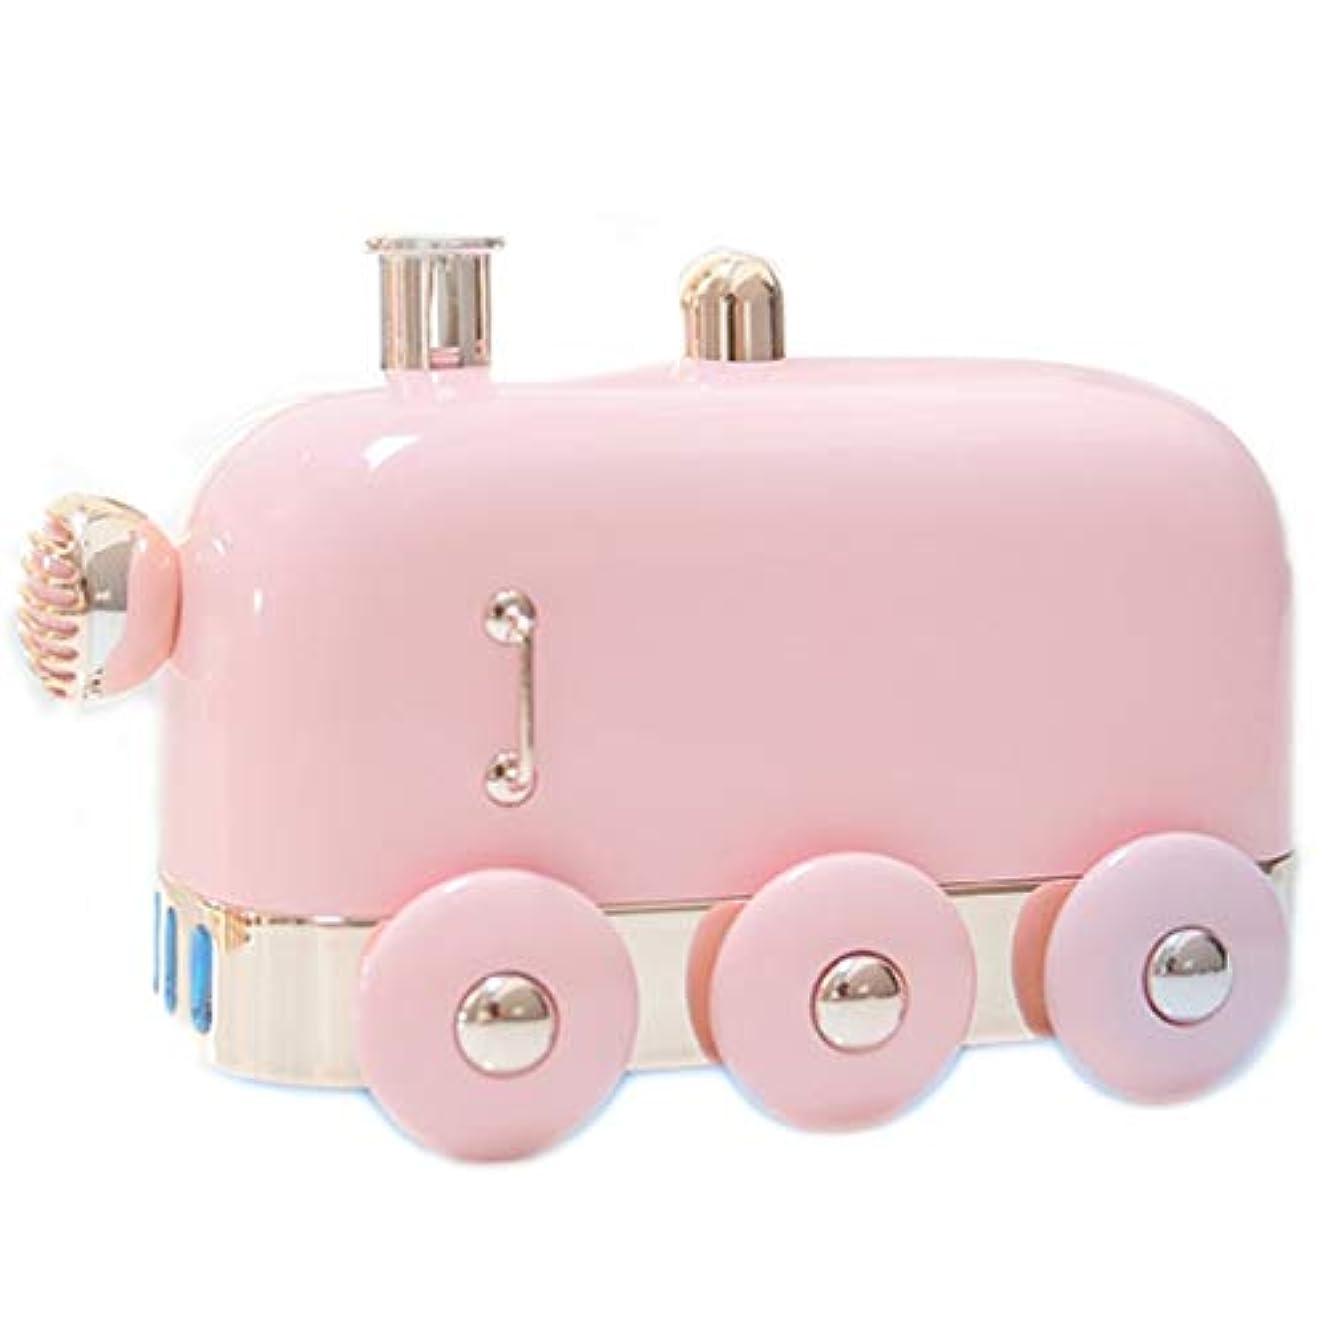 パン抹消汚染されたアロマセラピーエッセンシャルオイルディフューザー、アロマディフューザークールミスト加湿器ウォーターレスオートシャットオフホームオフィス用ヨガ (Color : Pink)